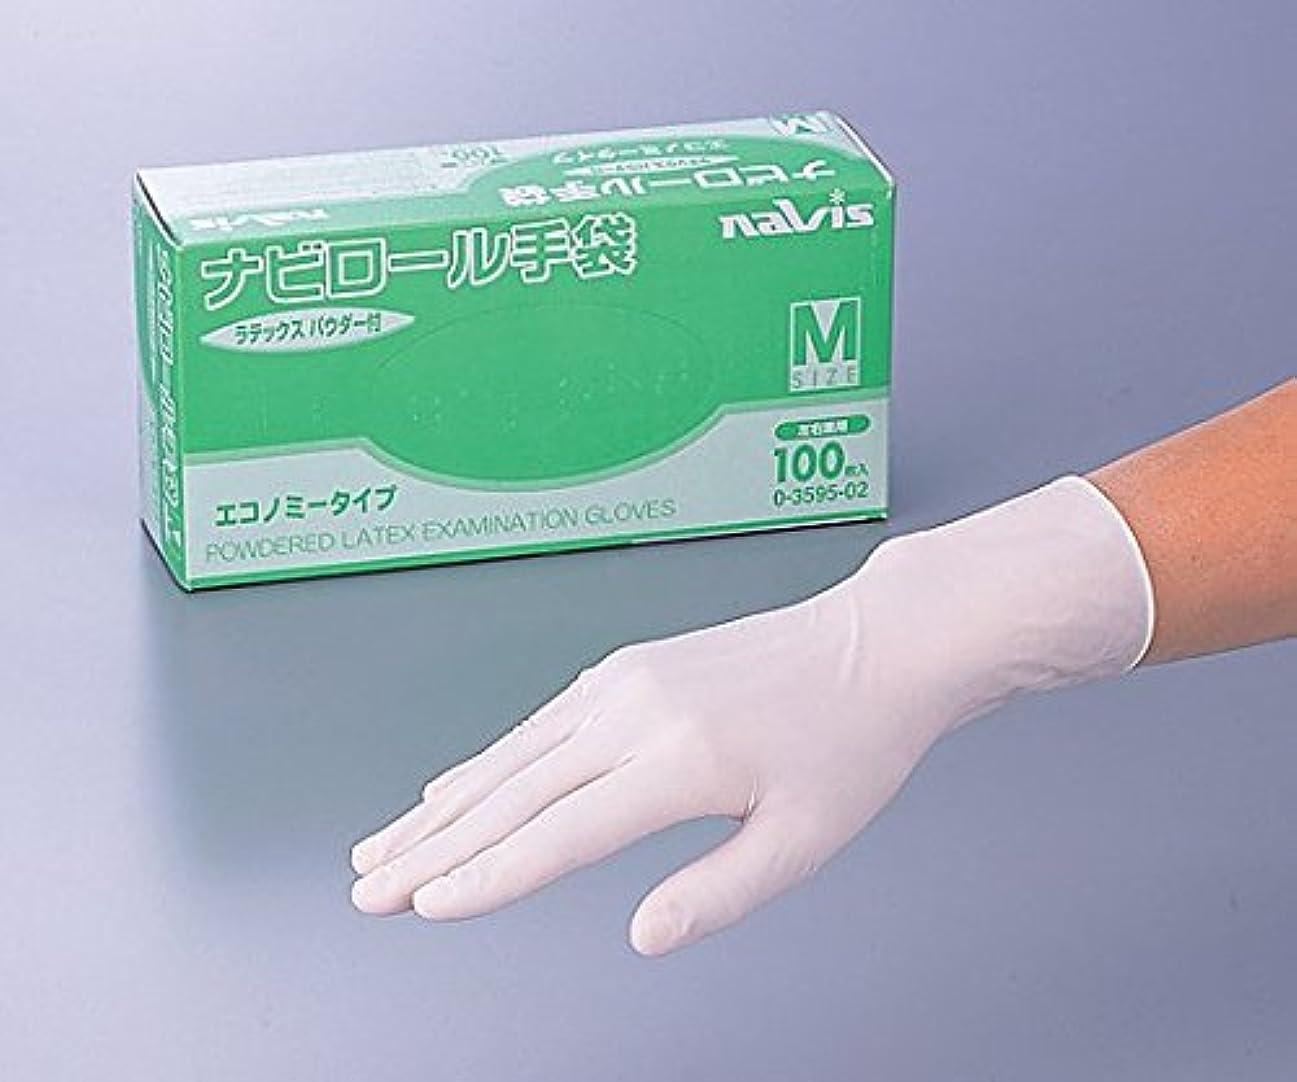 に対してチャンス最高アズワン0-3595-02ナビロール手袋(エコノミータイプ・パウダー付)M100枚入